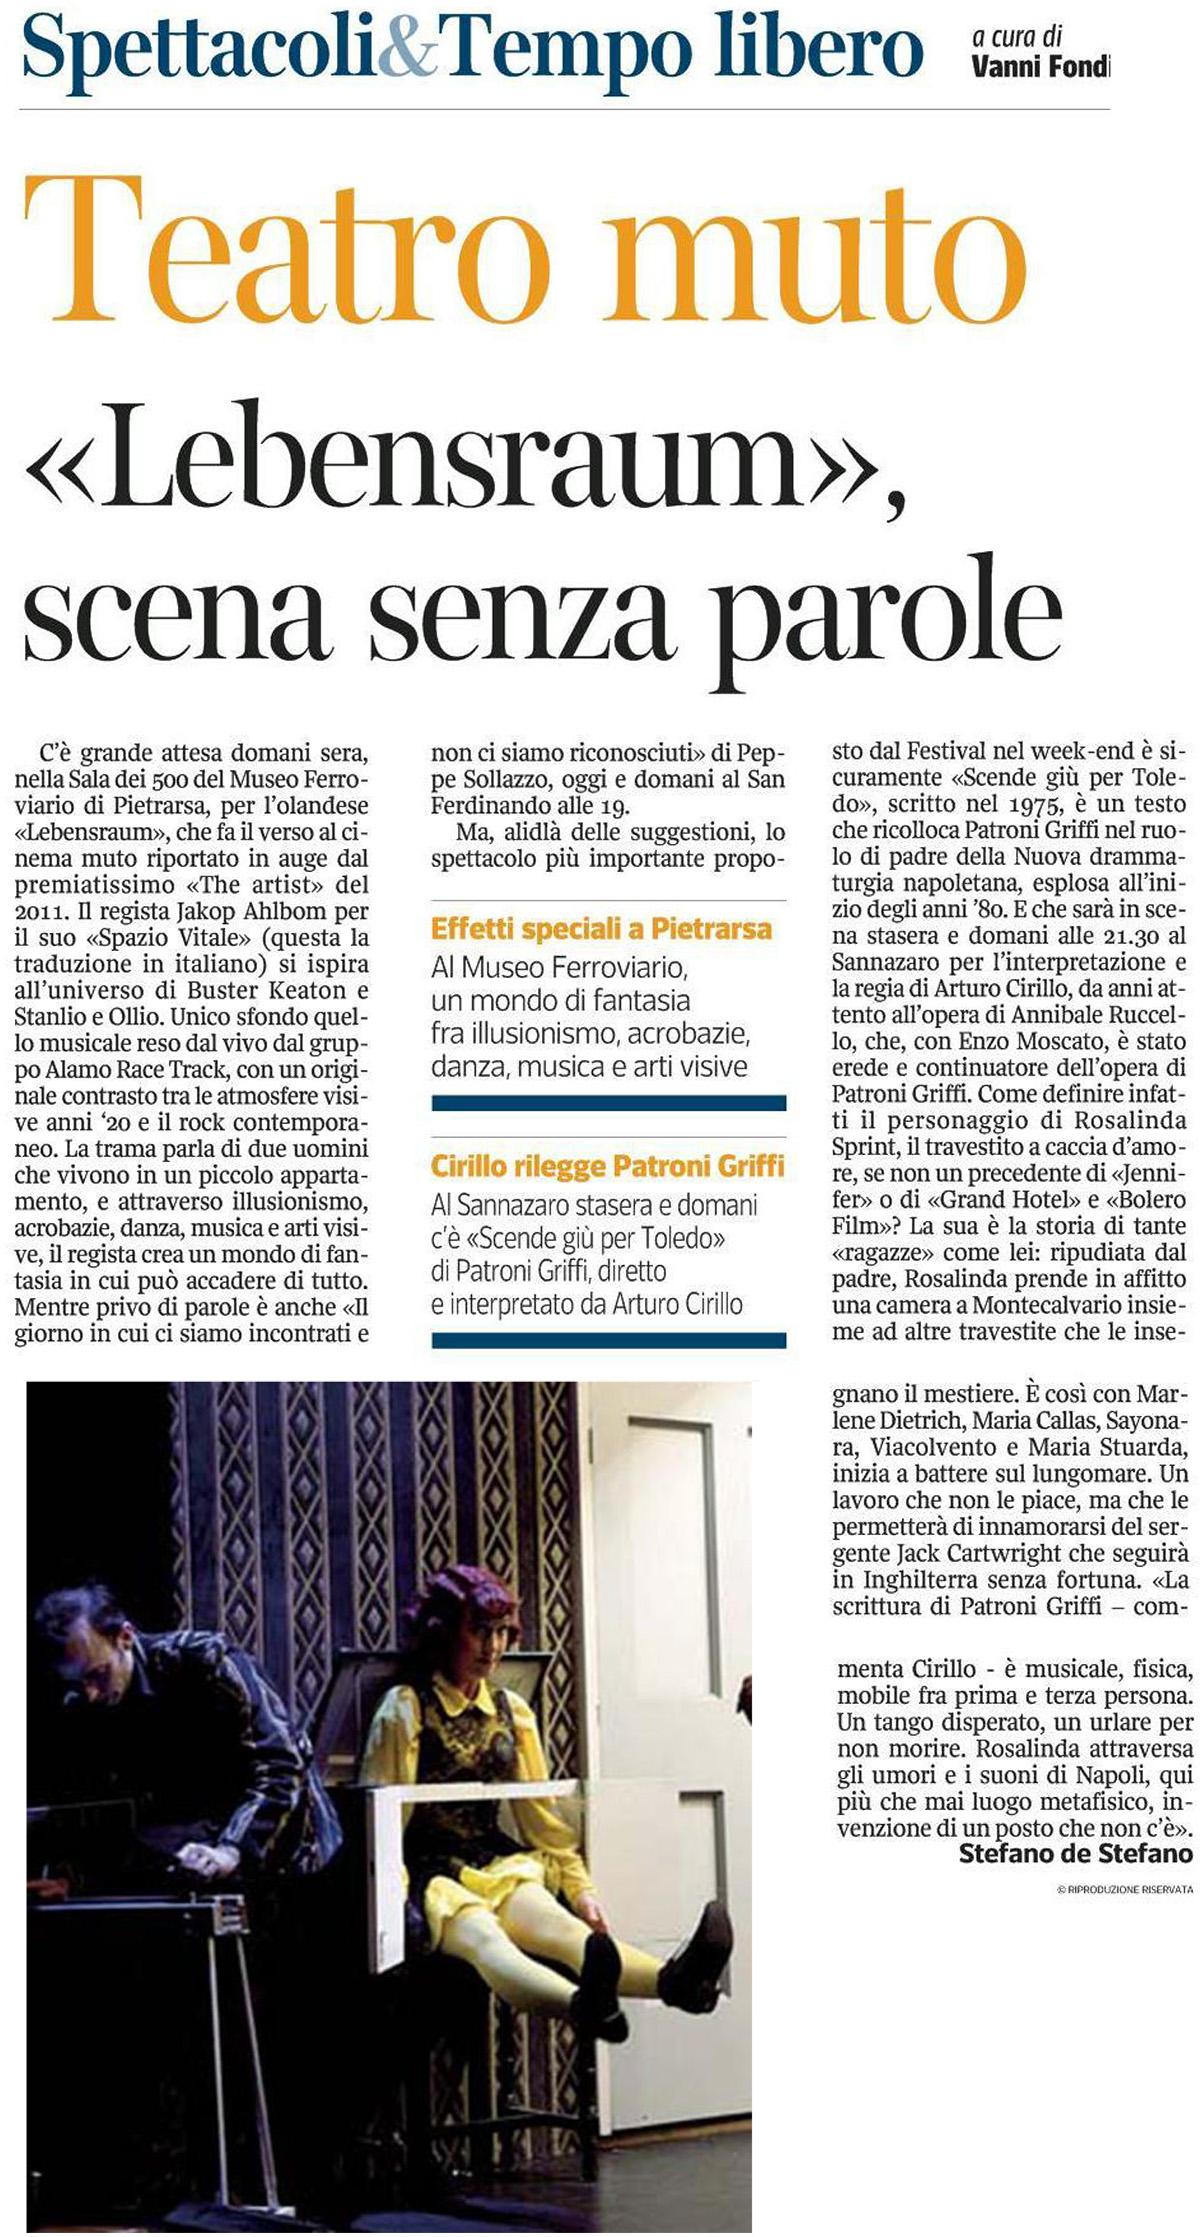 2014.06.15 'Lebensraum' scena senza parole - Corriere del Mezzogiorno